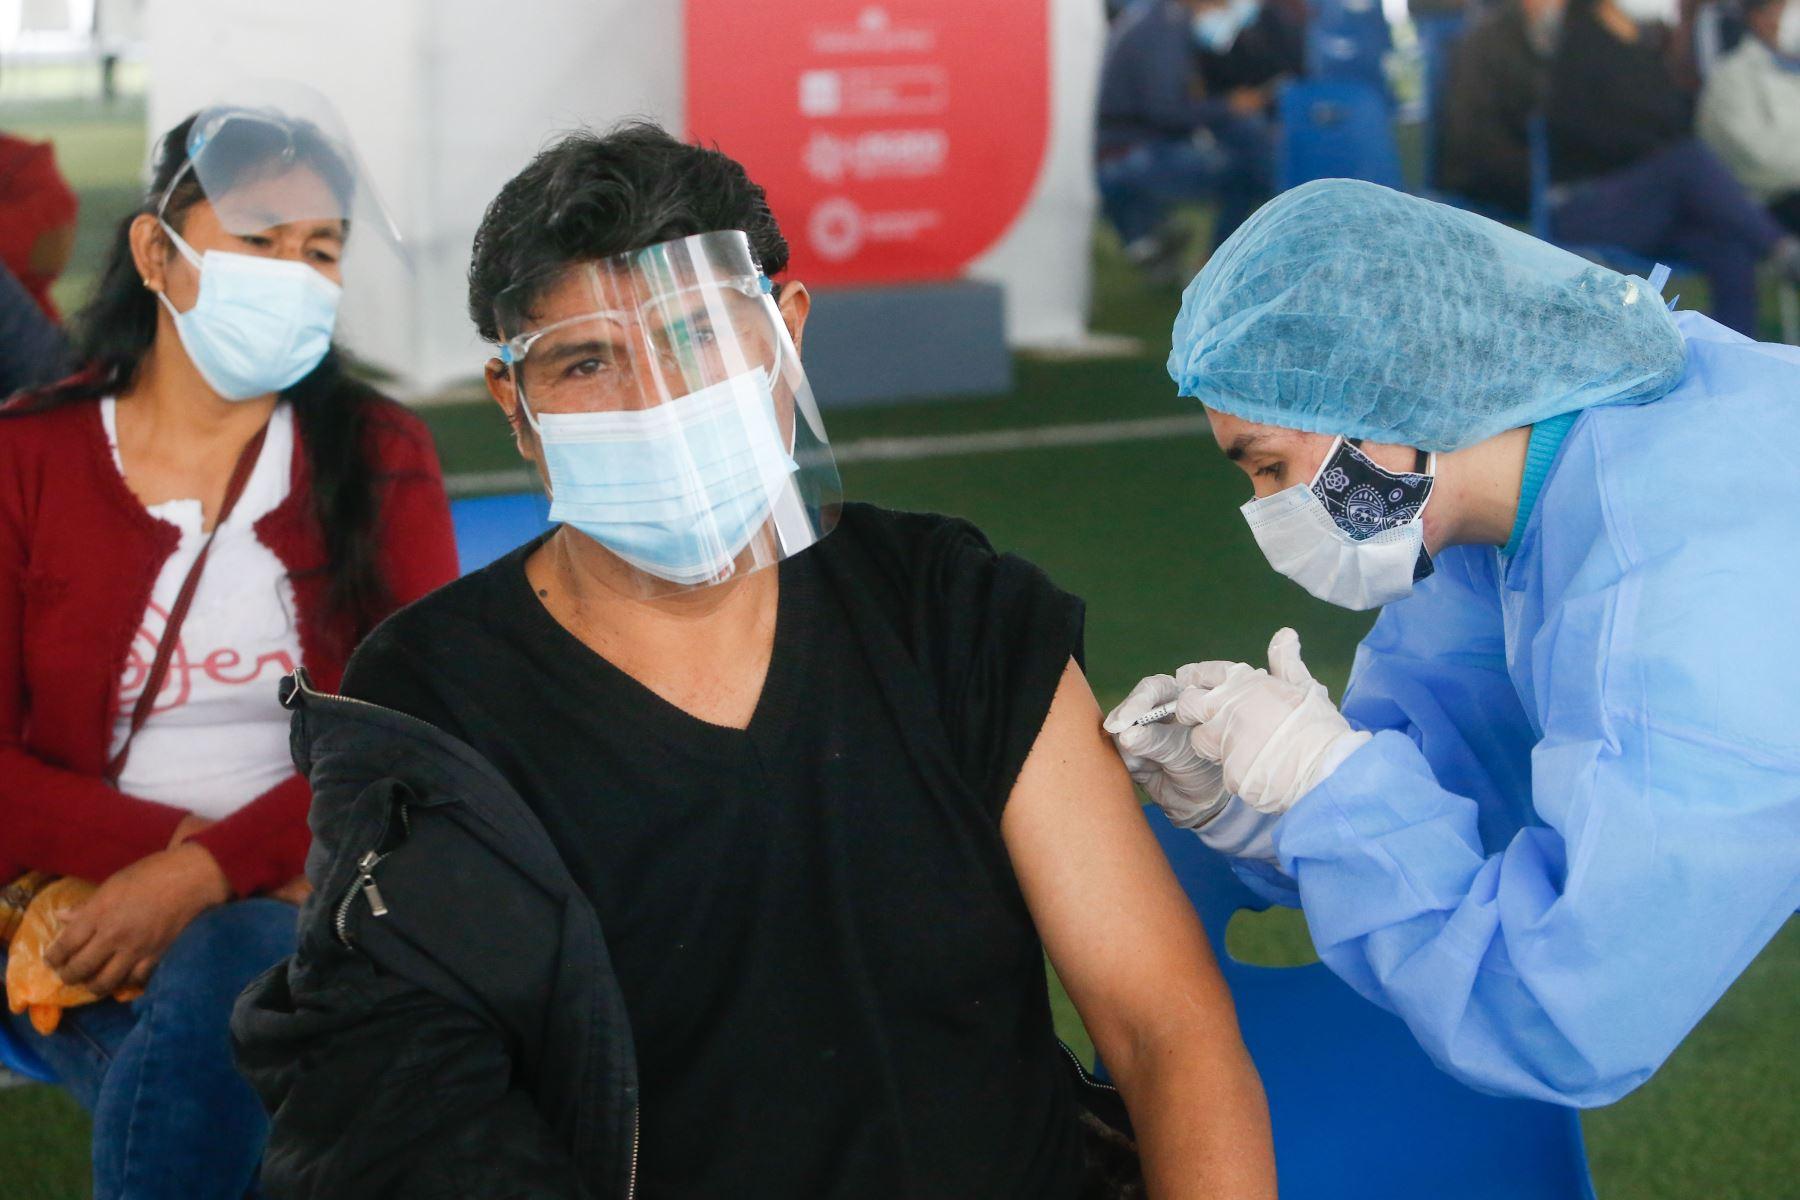 En Perú 3 millones 556,049 personas ya completaron su esquema de vacunación con dos dosis y tienen una protección superior al 80 % contra el nuevo coronavirus. Foto: ANDINA/Minsa.